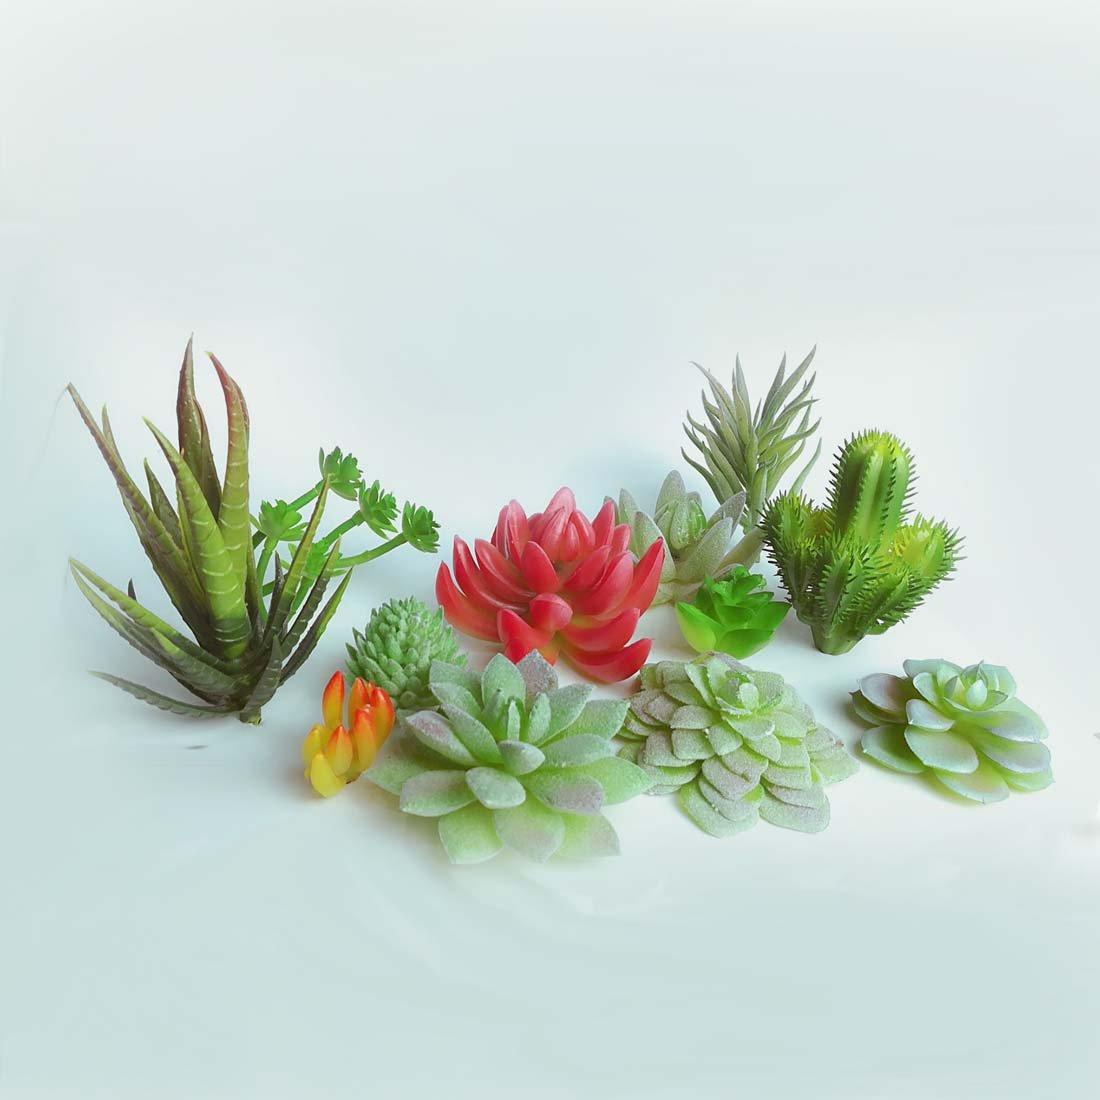 Artificial succulent, 12 different kinds of false succulent plant Fake Succulents DIY pot culture Simulation Cactus 12 Pcs by Lorigun